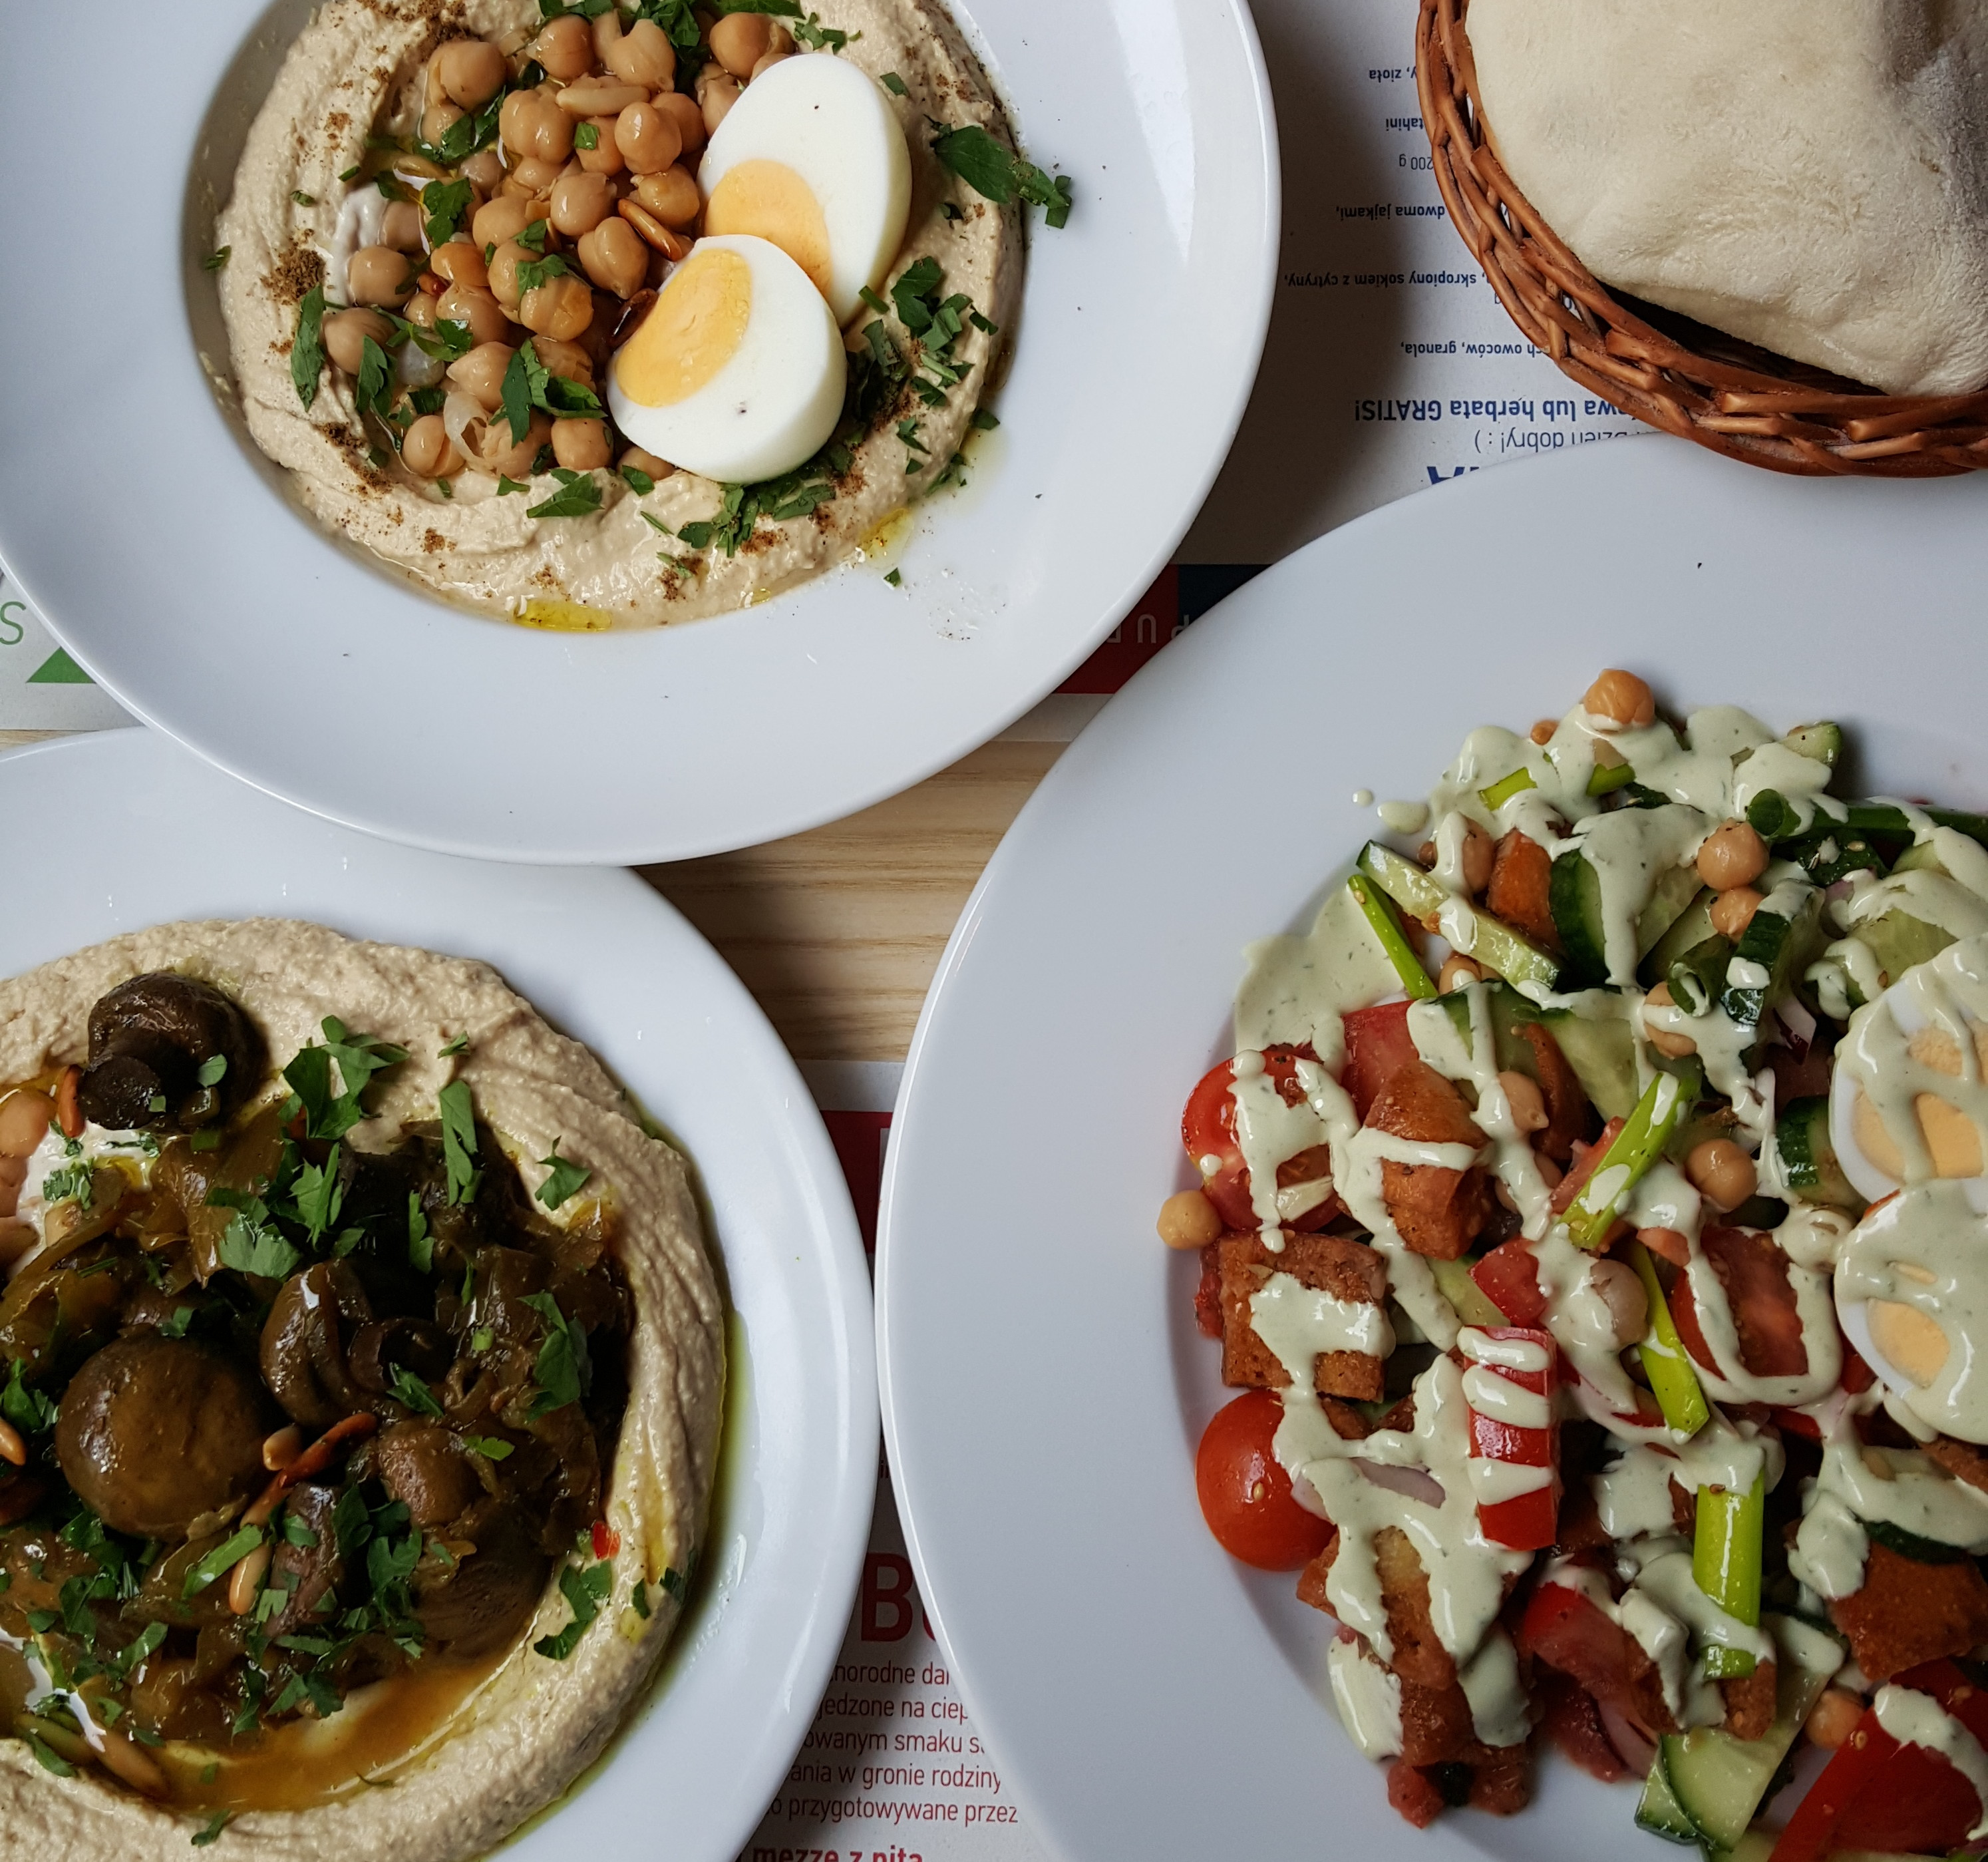 Restauracja Shipudei Berek Na Izraelskie Sniadanie